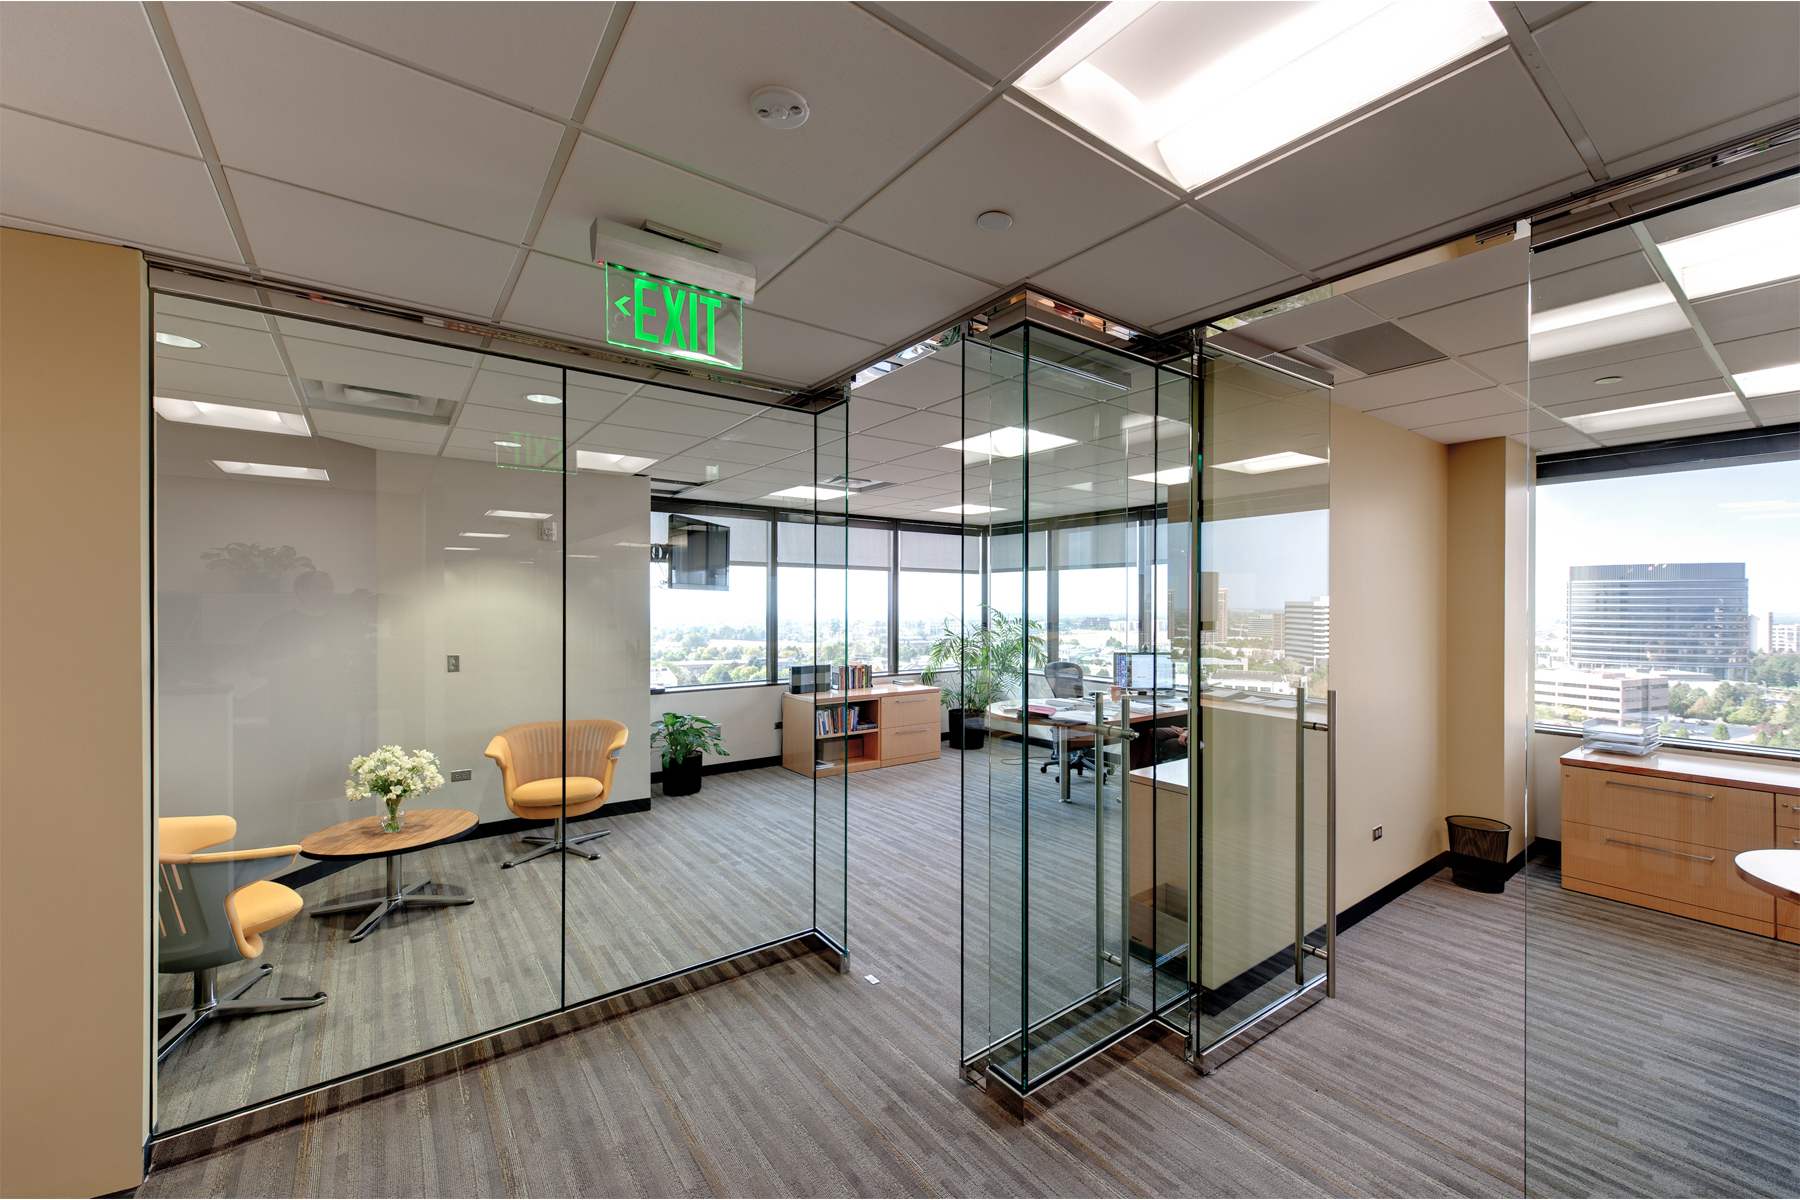 Denver Office Remodel, Colorado- Jordy Construction 2